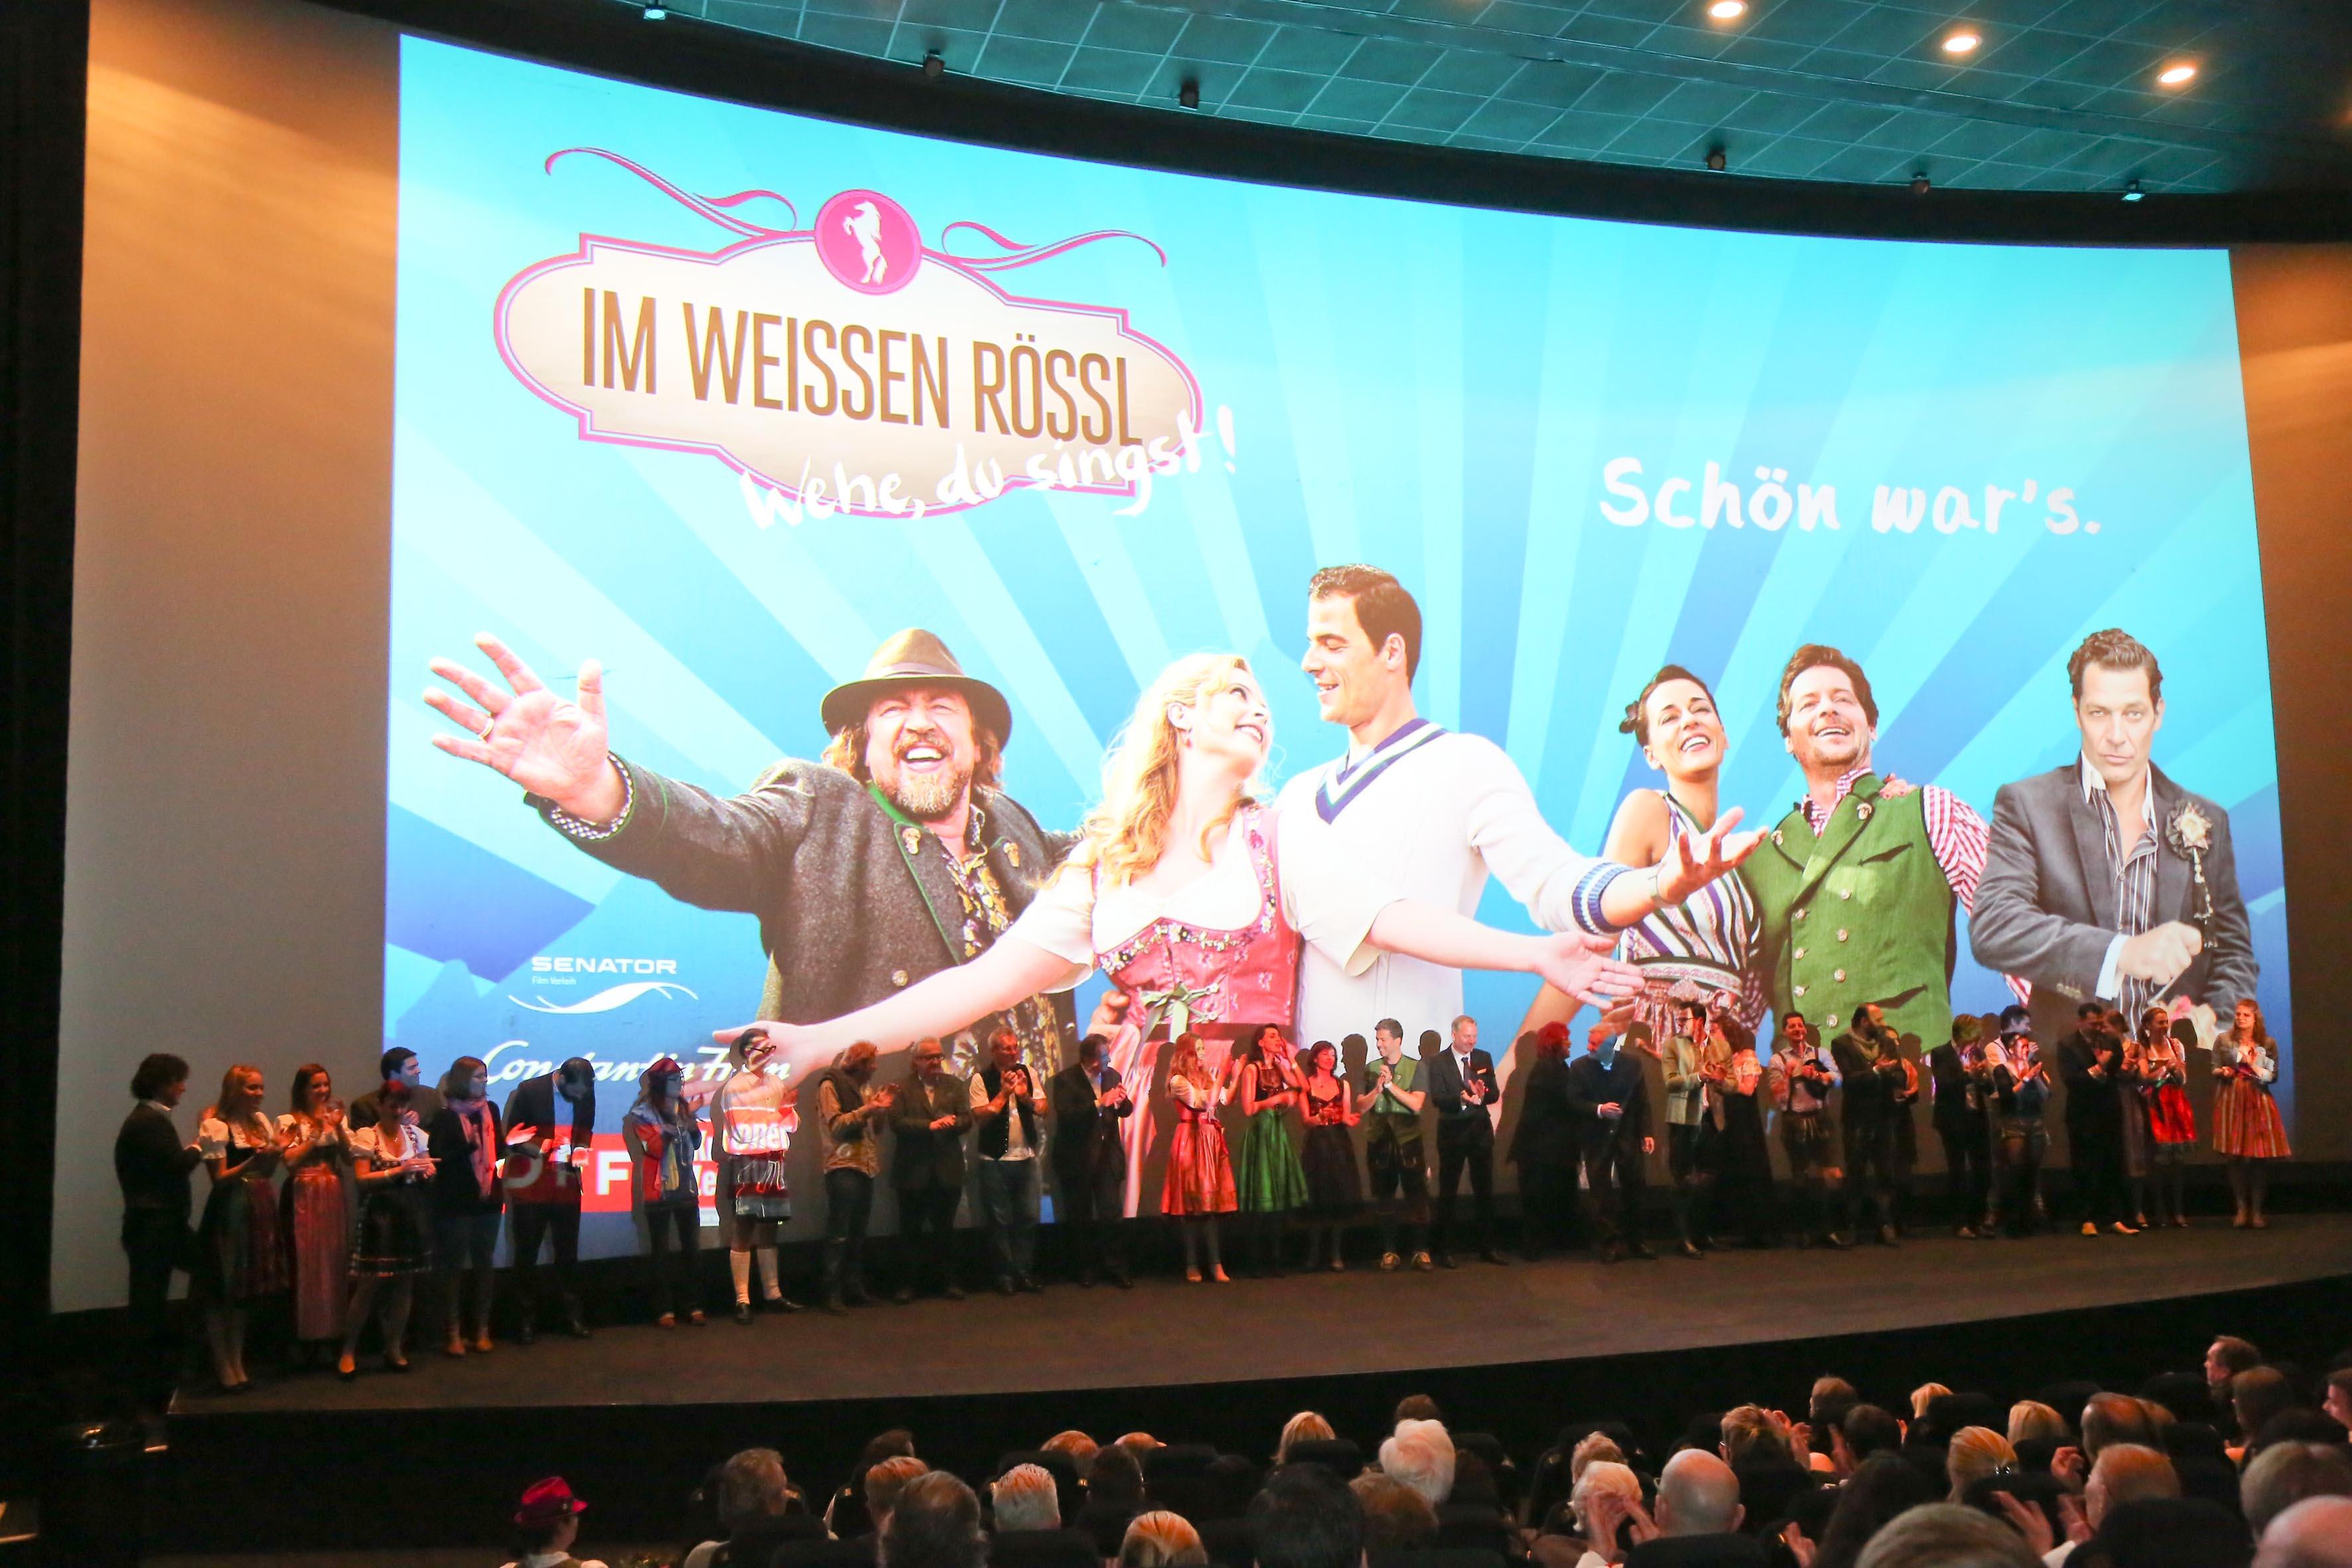 Bei der Premiere wurde das Team auf die Bühne geholt